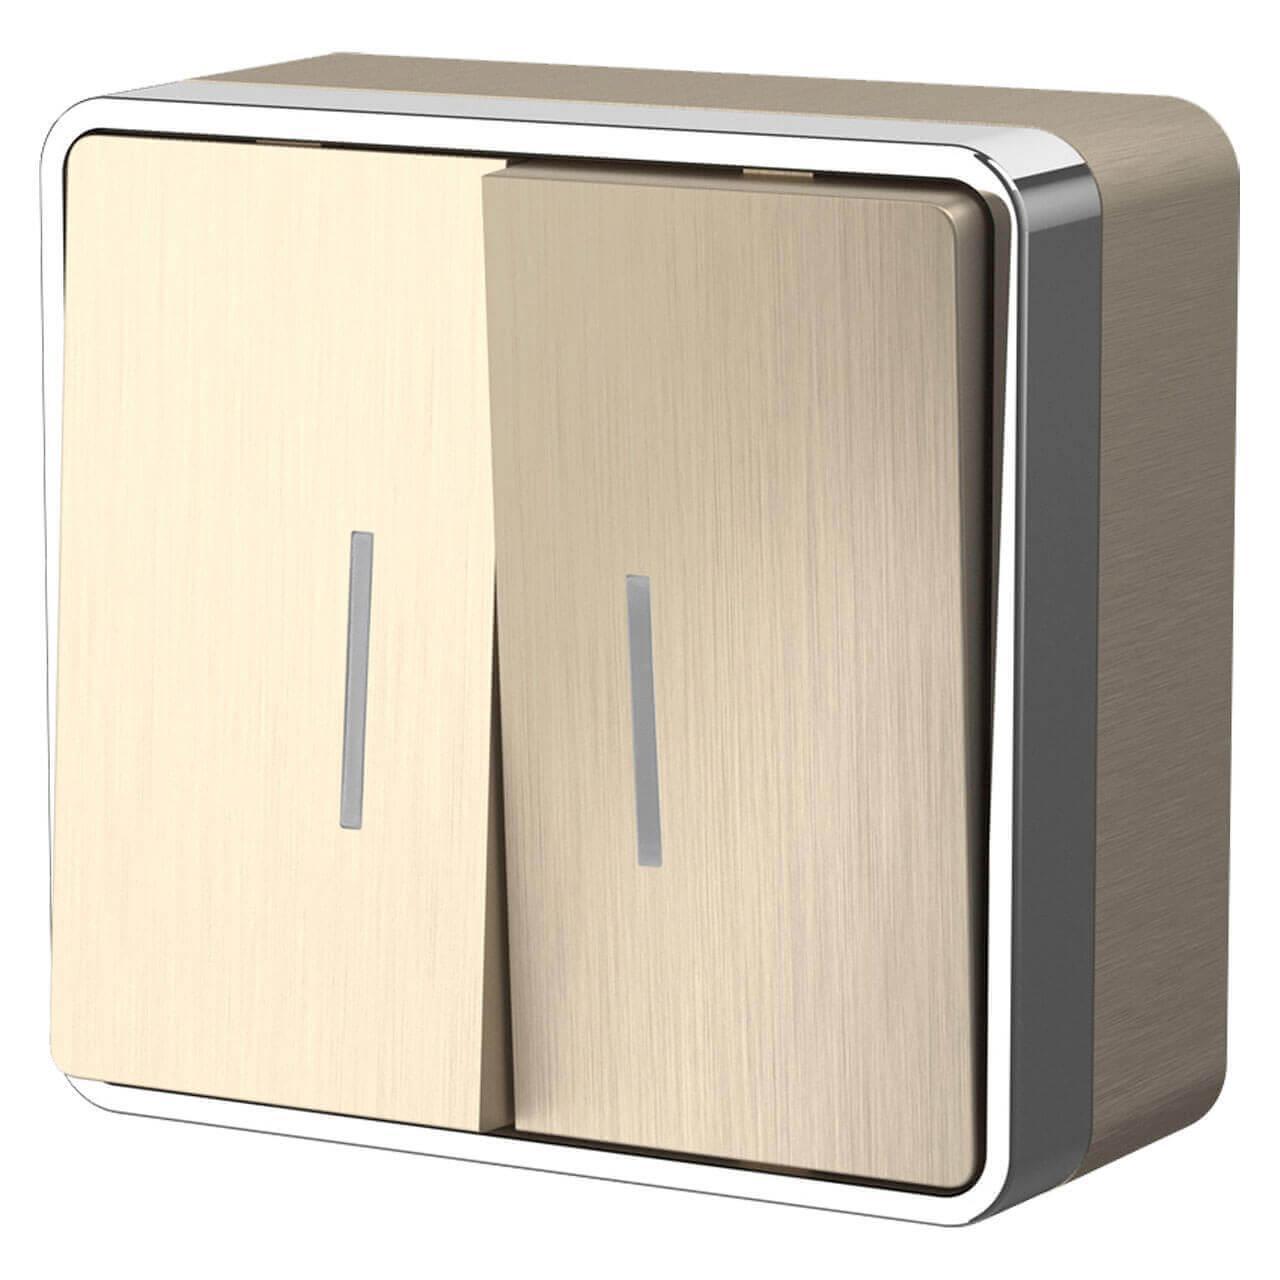 Выключатель двухклавишный с подсветкой Werkel Gallant шампань рифленый WL15-03-03 4690389129681